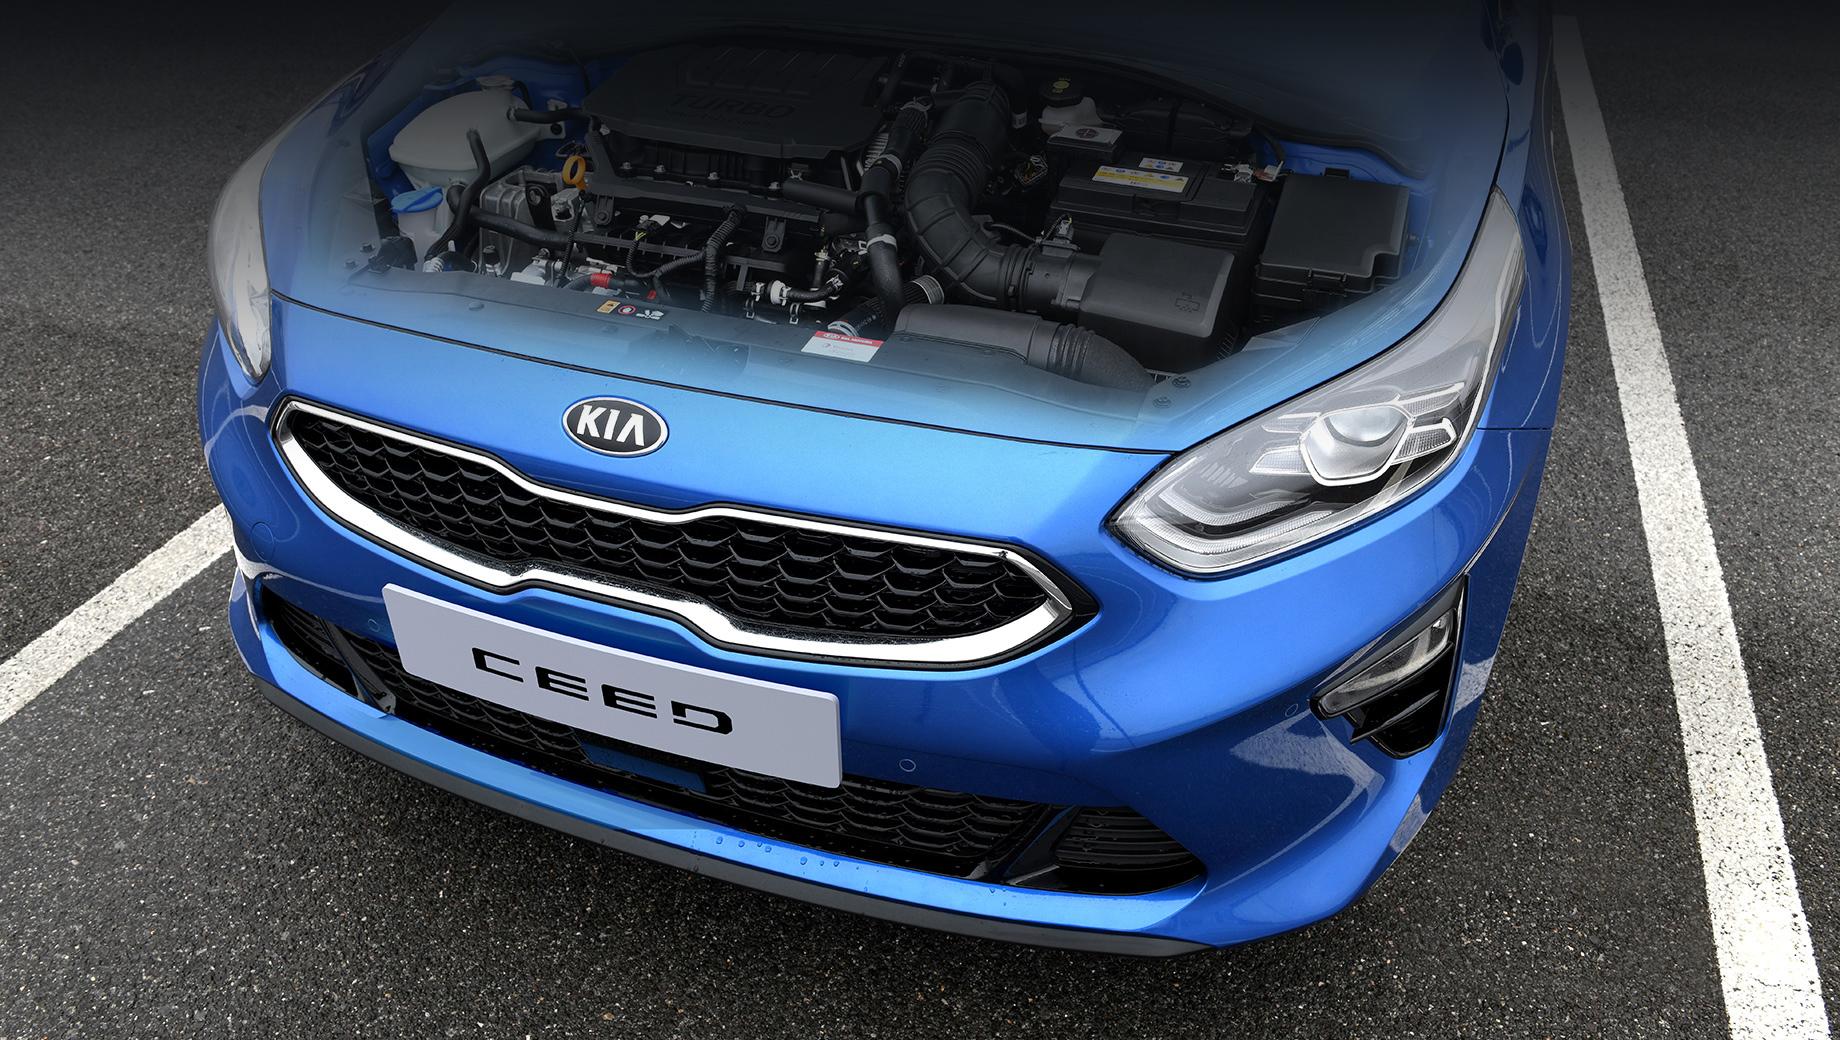 Европейский Kia Ceed разжился новыми силовыми установками